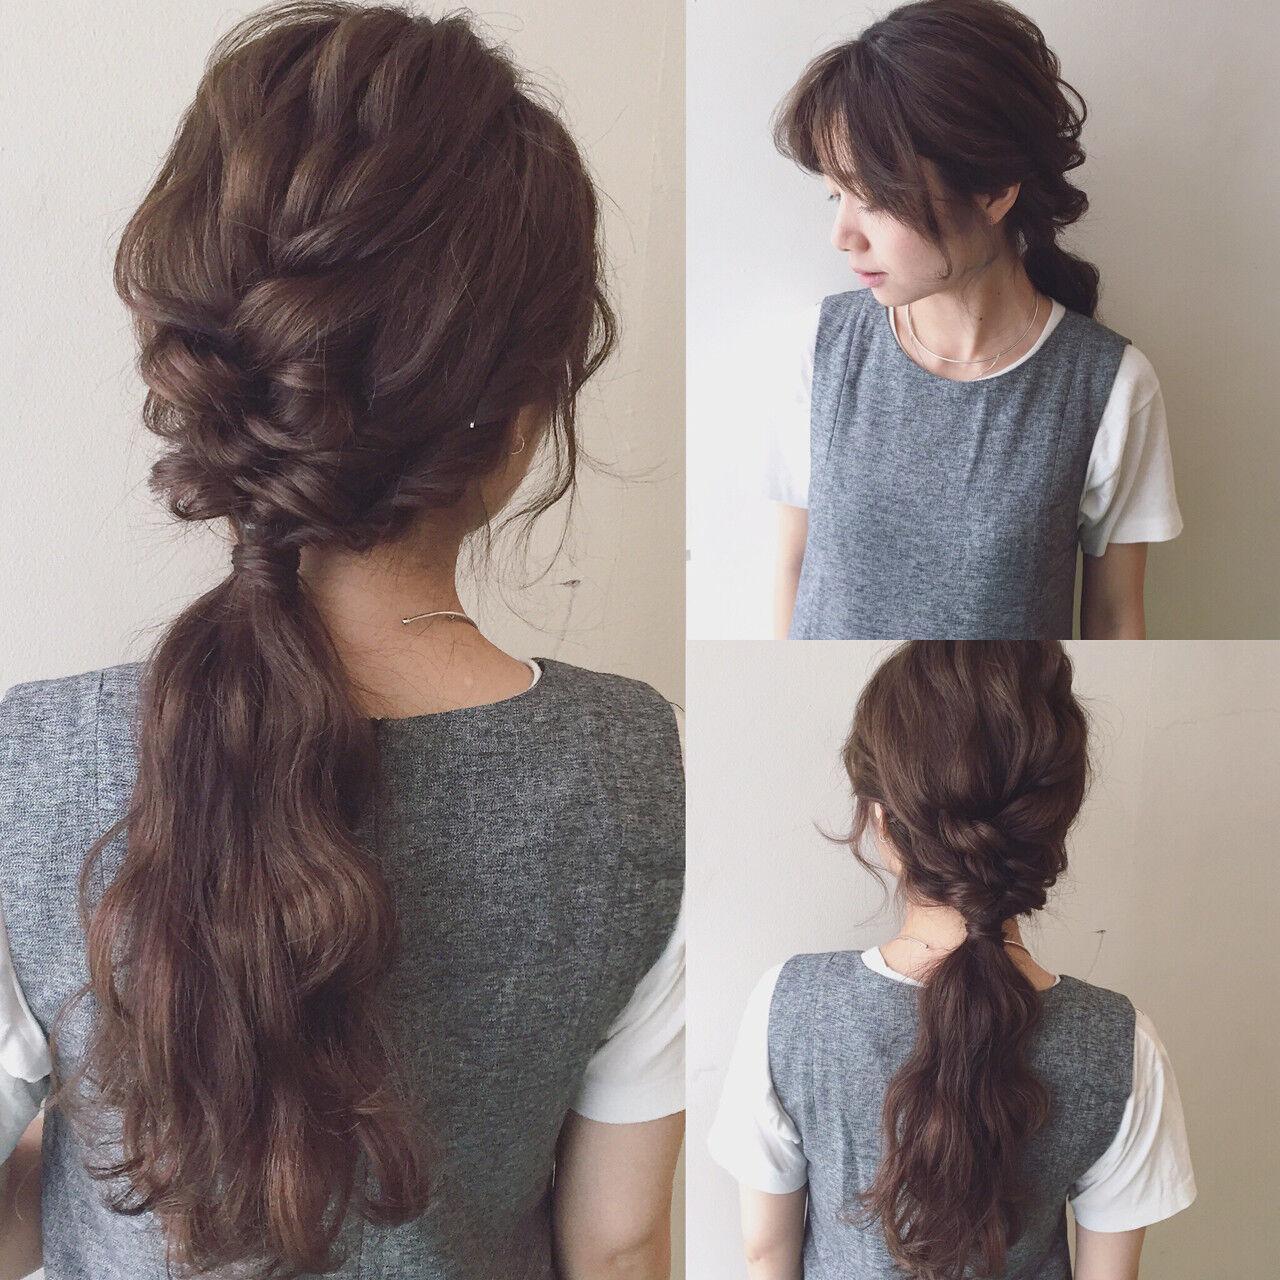 大人かわいい ゆるふわ ロング 簡単ヘアアレンジヘアスタイルや髪型の写真・画像